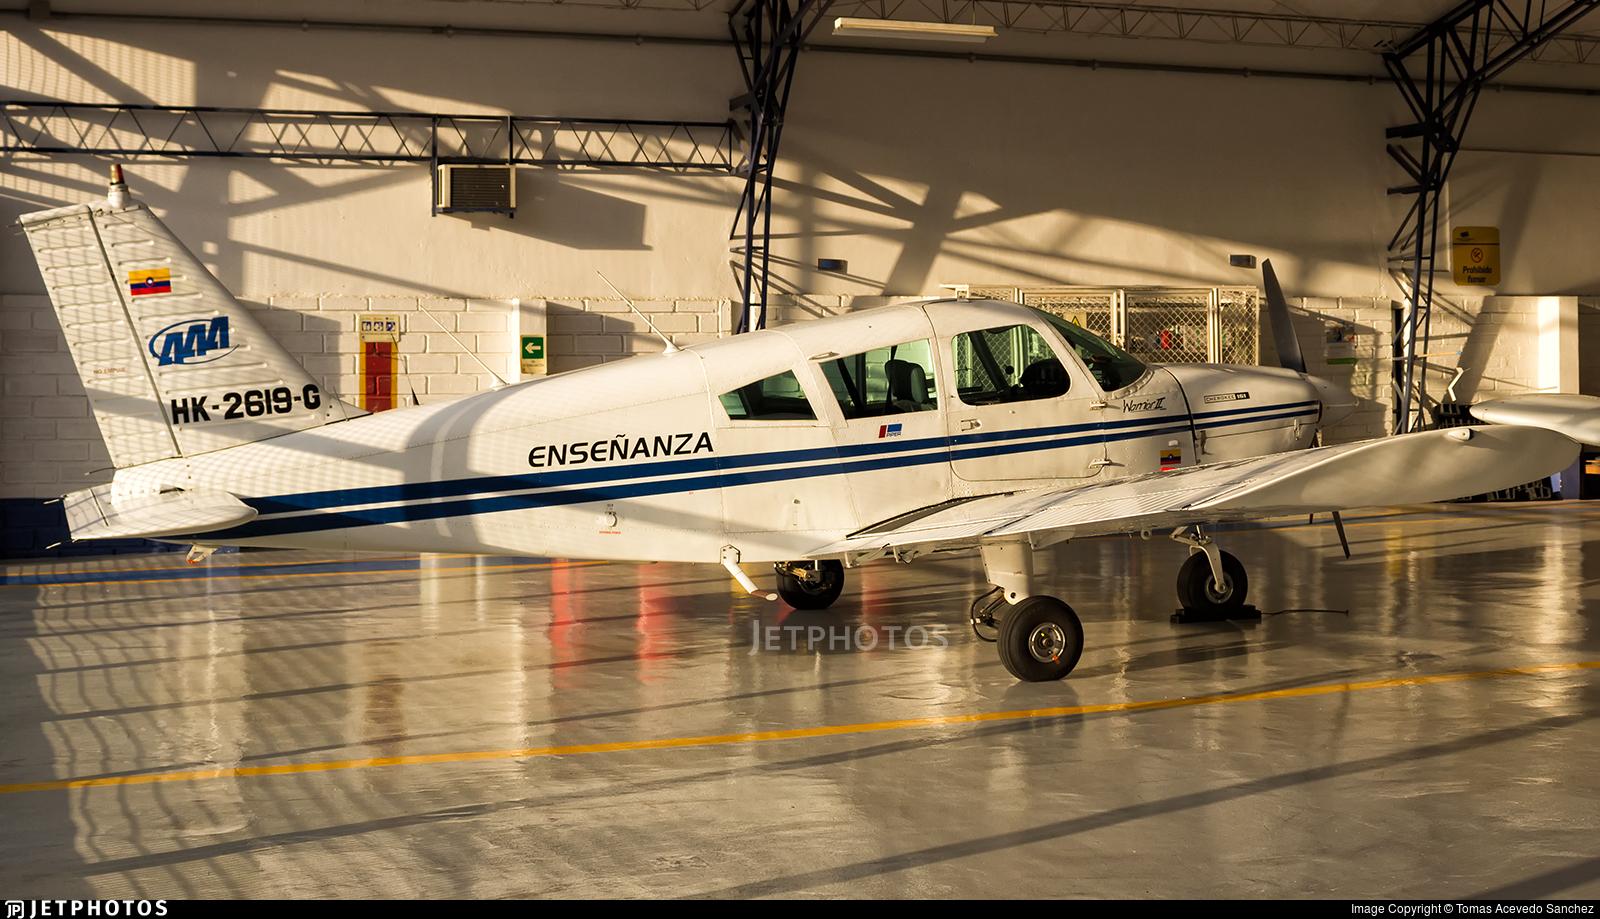 HK-2619-G - Piper PA-28-161 Warrior II - Academia Antioqueña de Aviación (AAA)